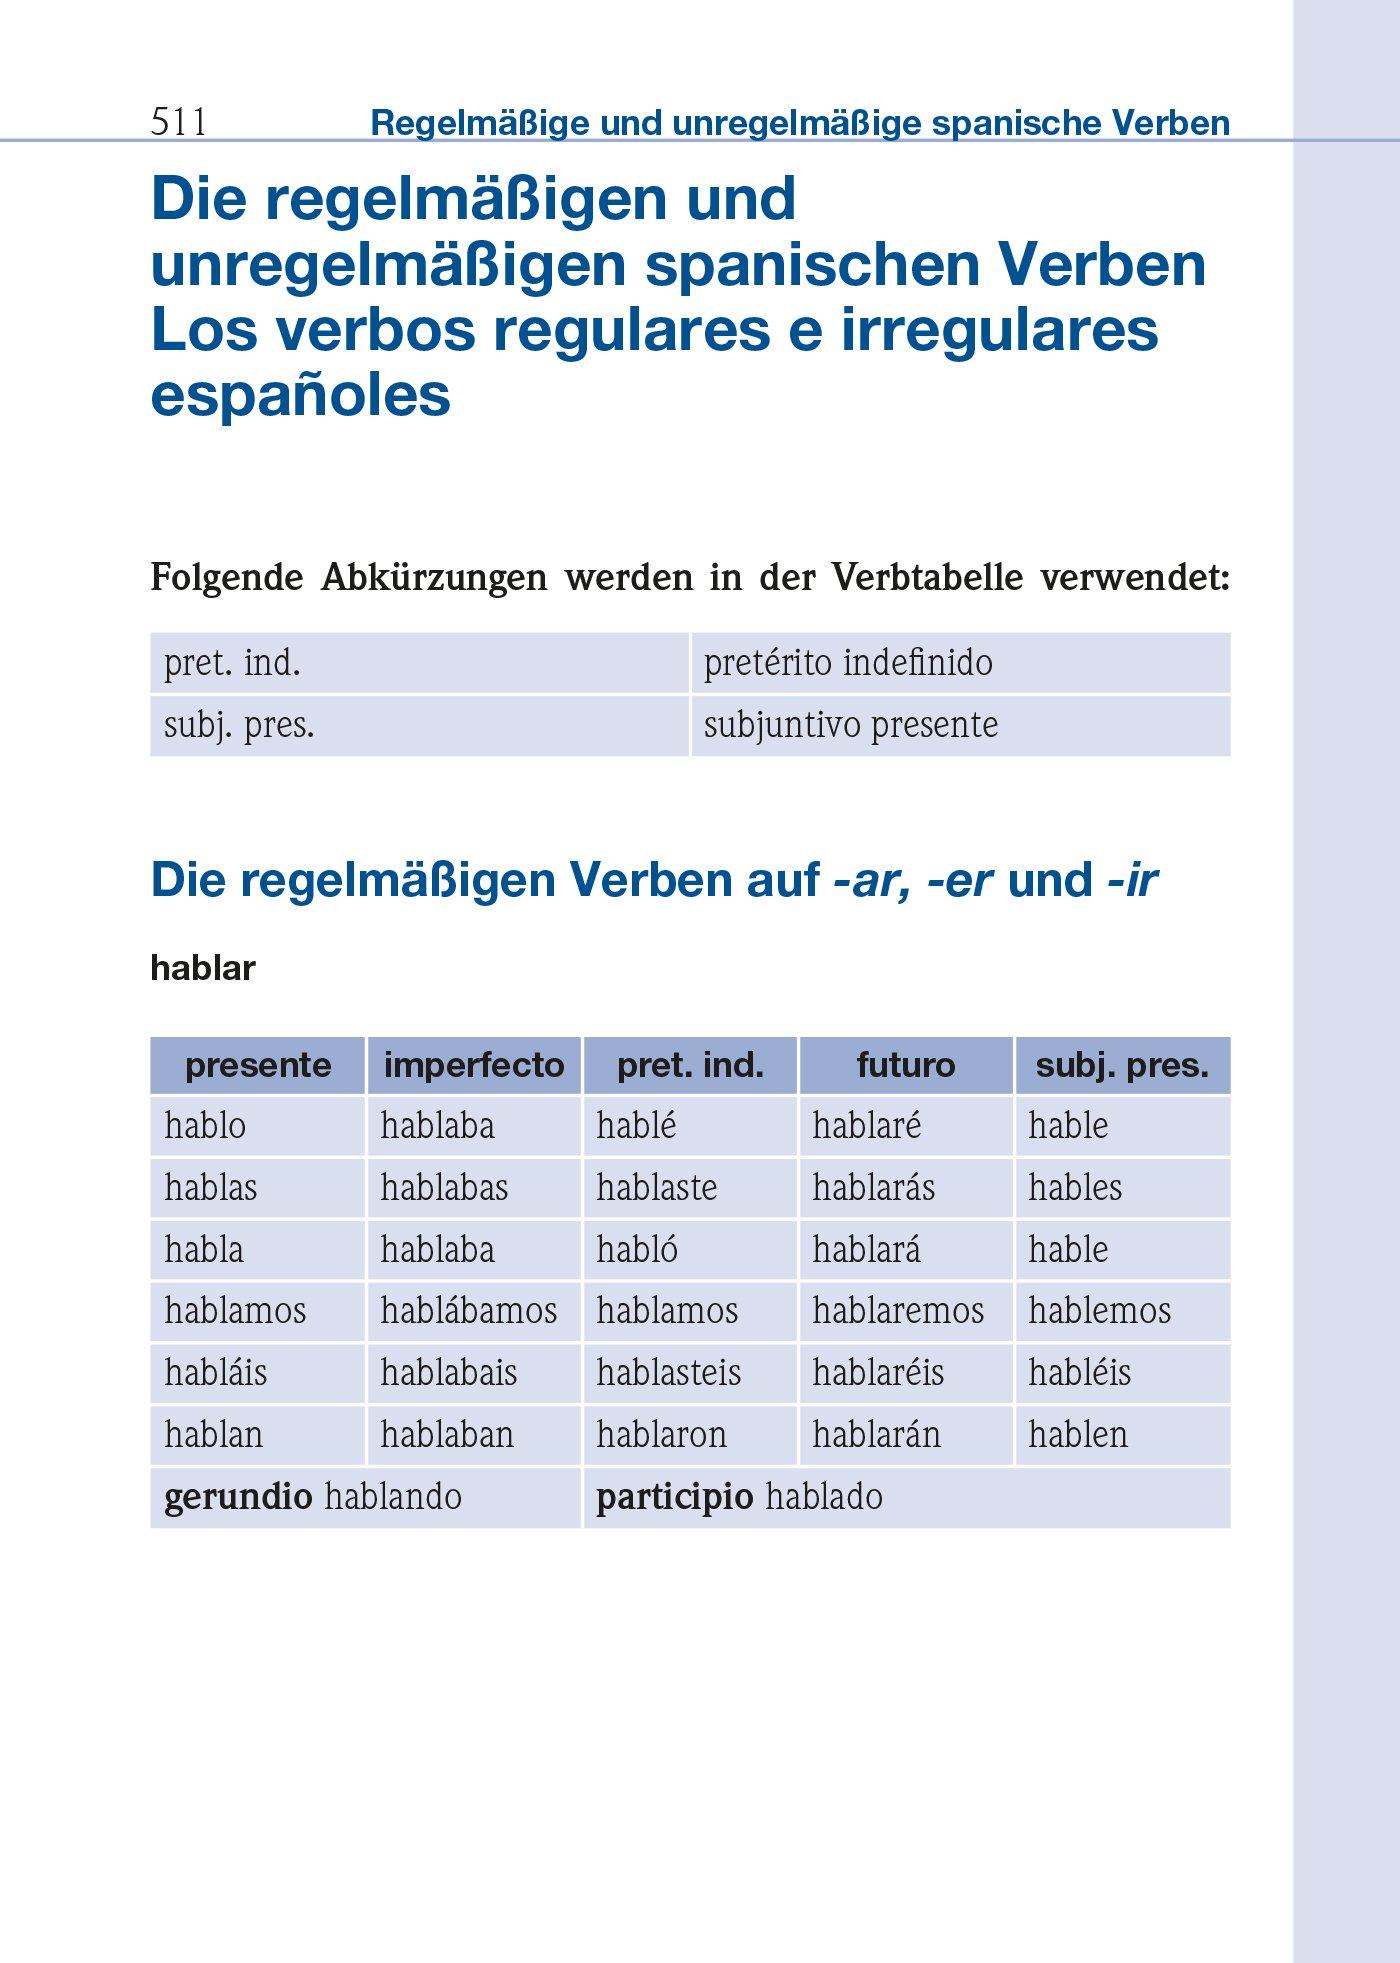 Unregelmäßige verben spanisch indefinido